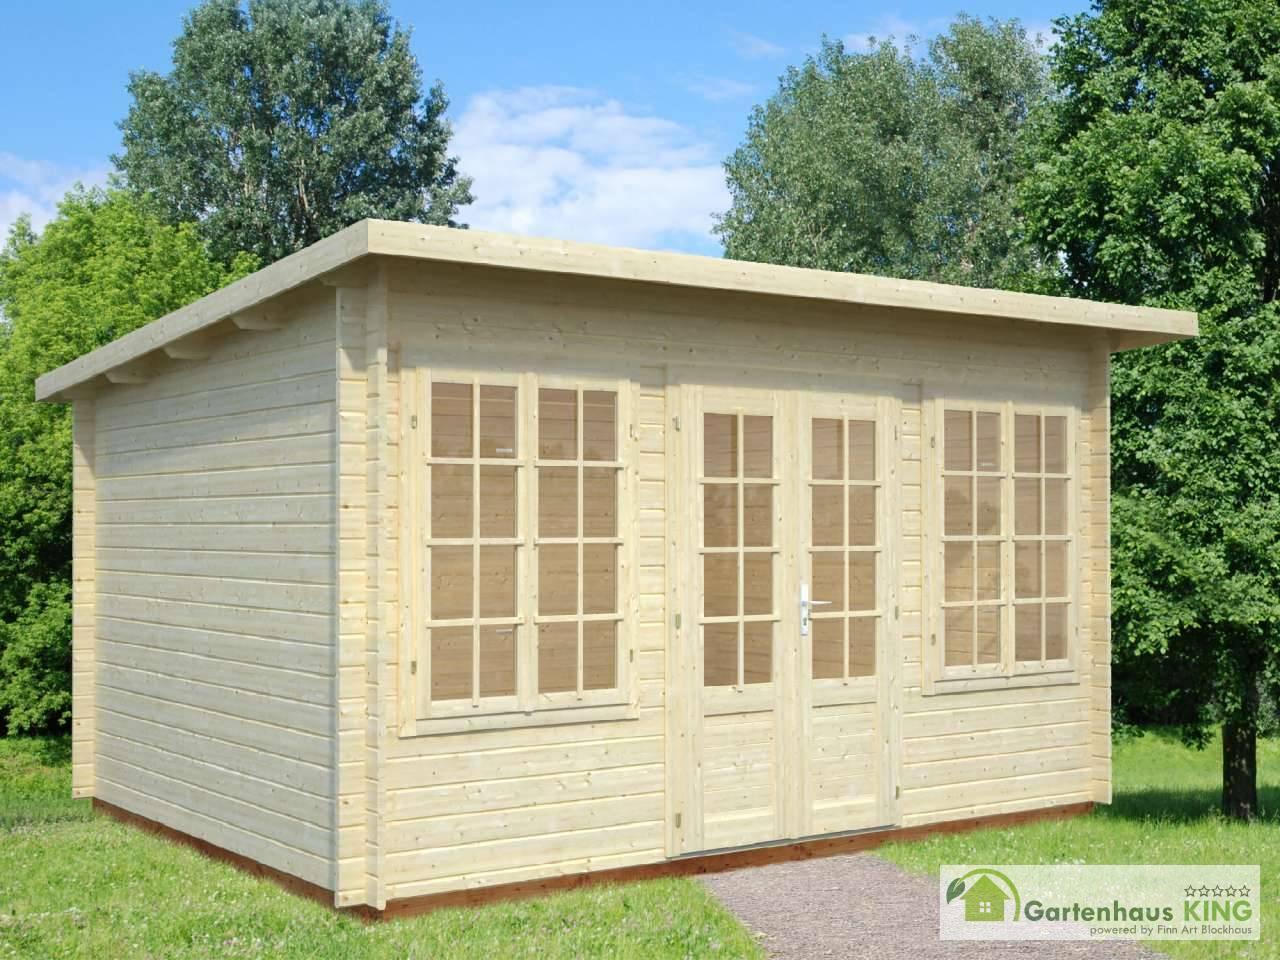 pultdach gartenhaus palmako lisa 11,5 m² - gartenhaus-king.de